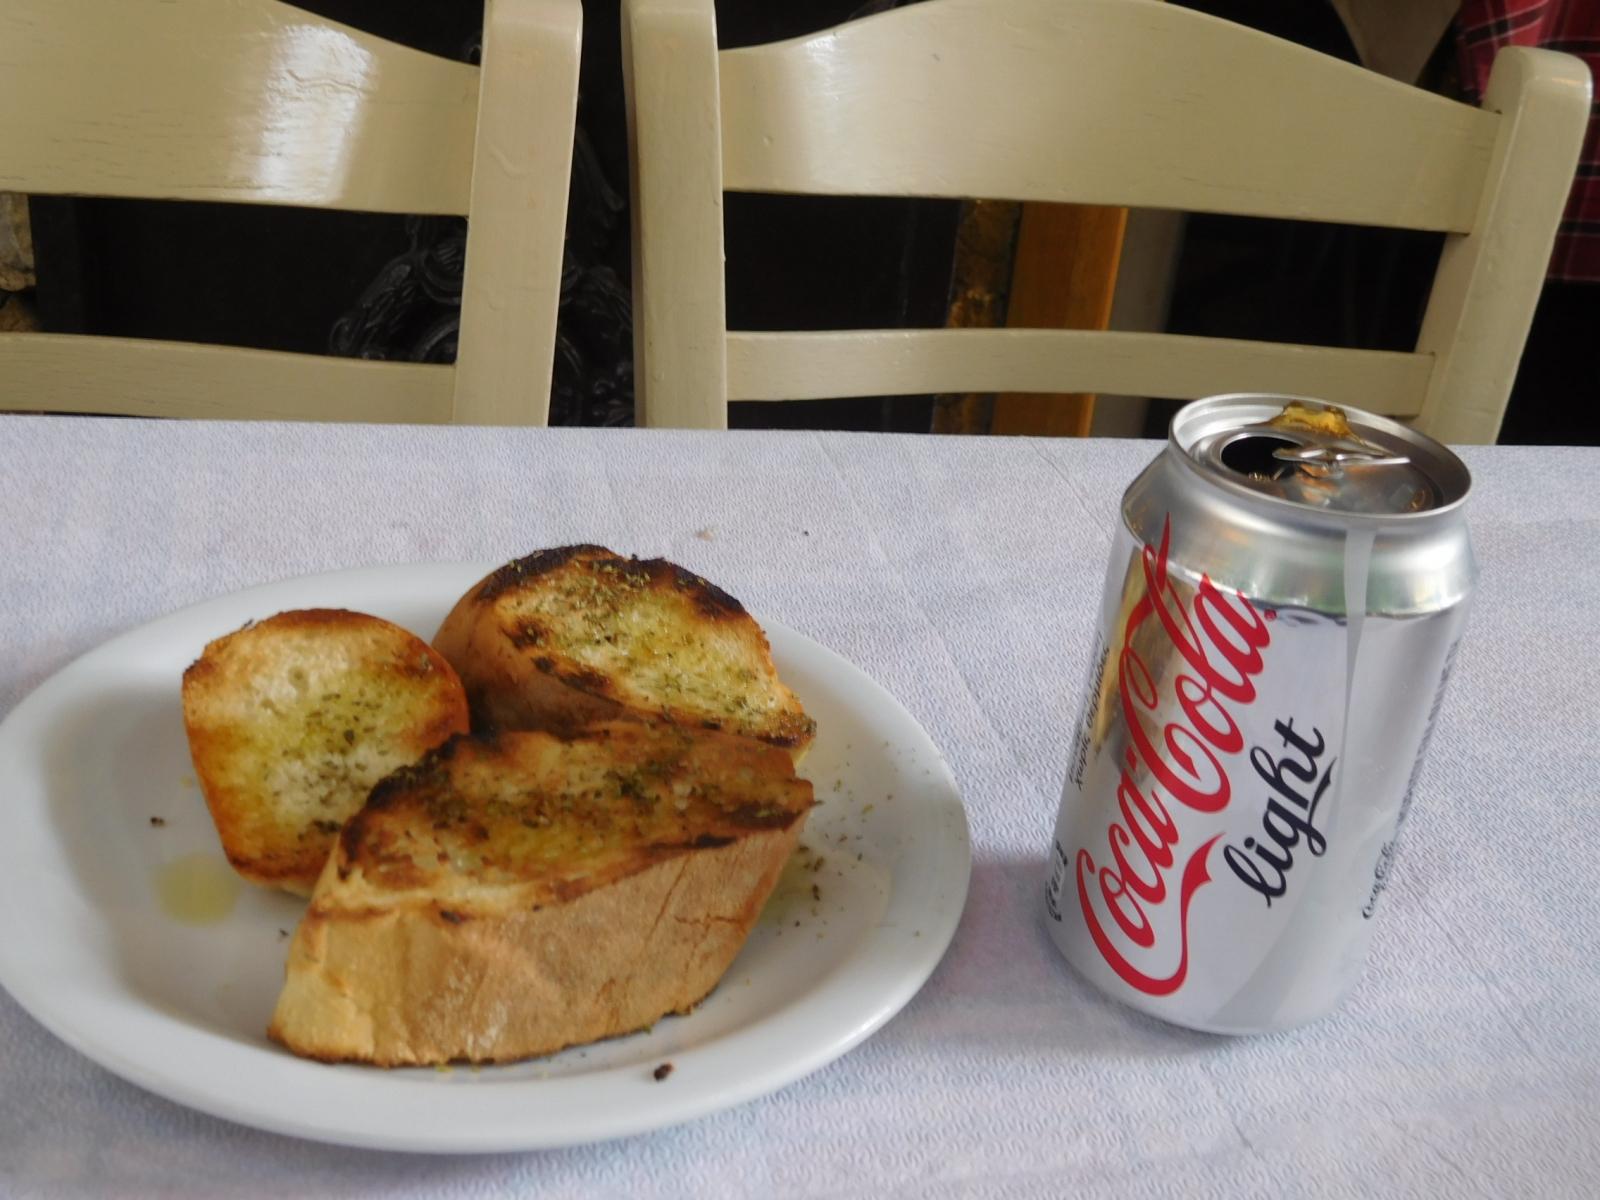 Garlic Bread and Coke Lite